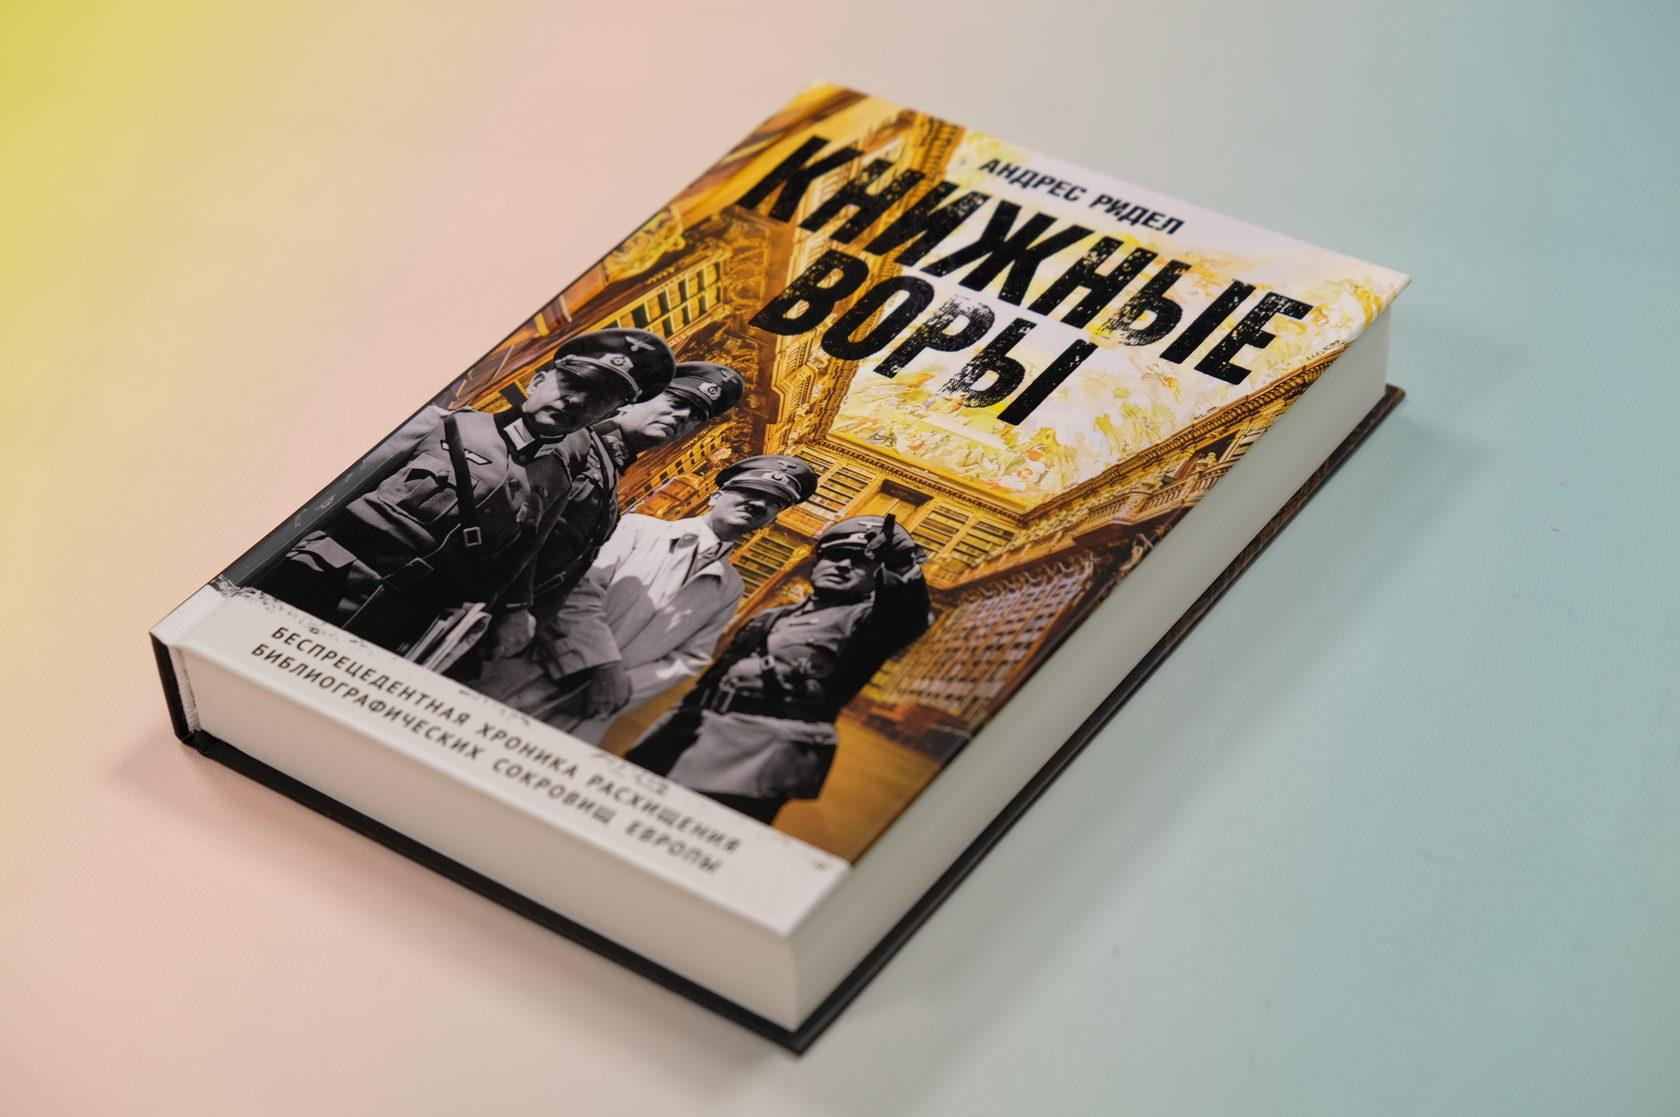 Андрес Ридел «Книжные воры. Как нацисты грабили европейские библиотеки и как литературное наследие было возвращено»